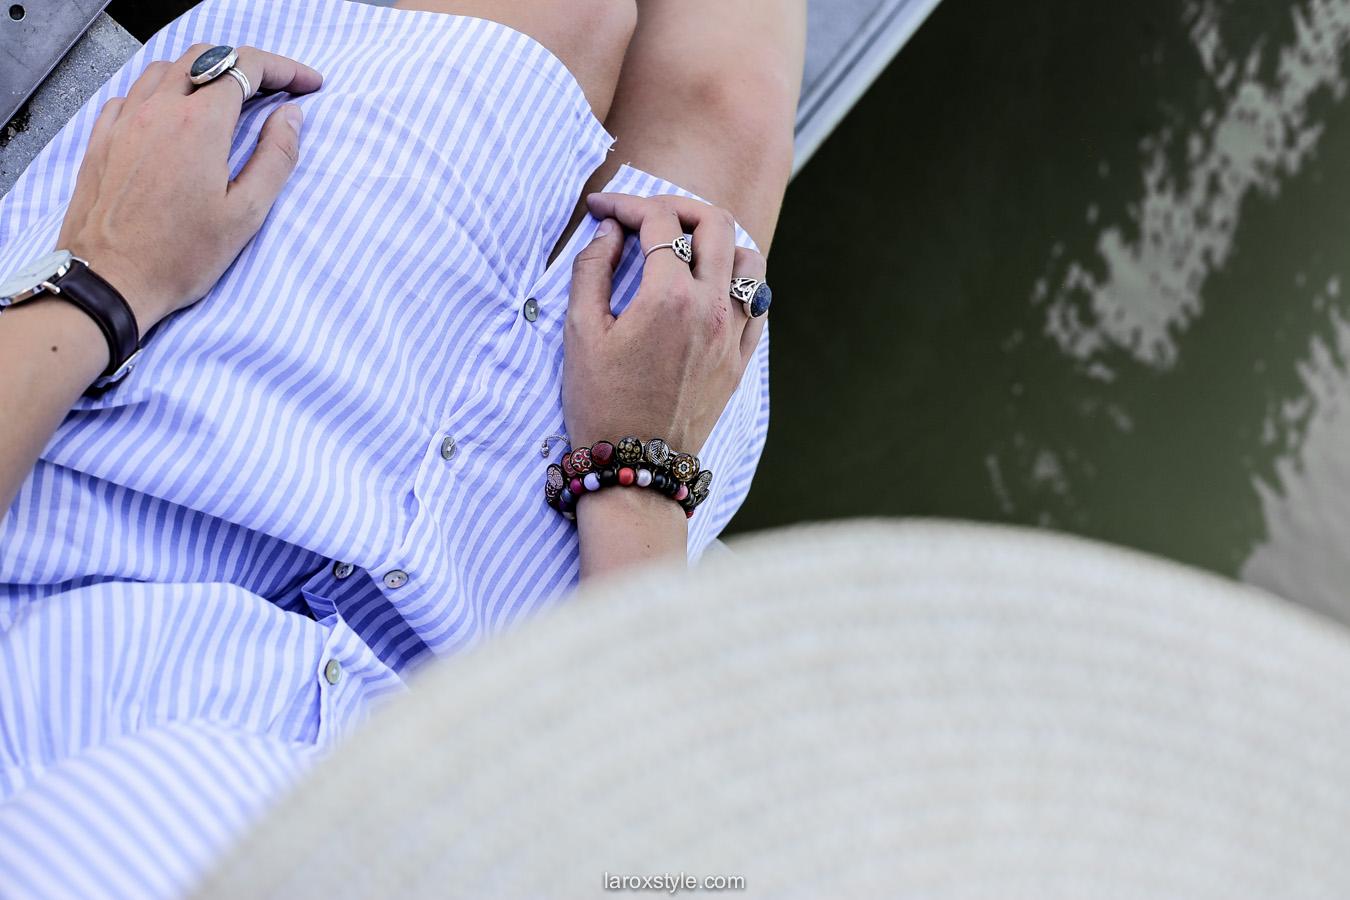 details bijoux - en vacances chez soi- blog lifestyle lyon